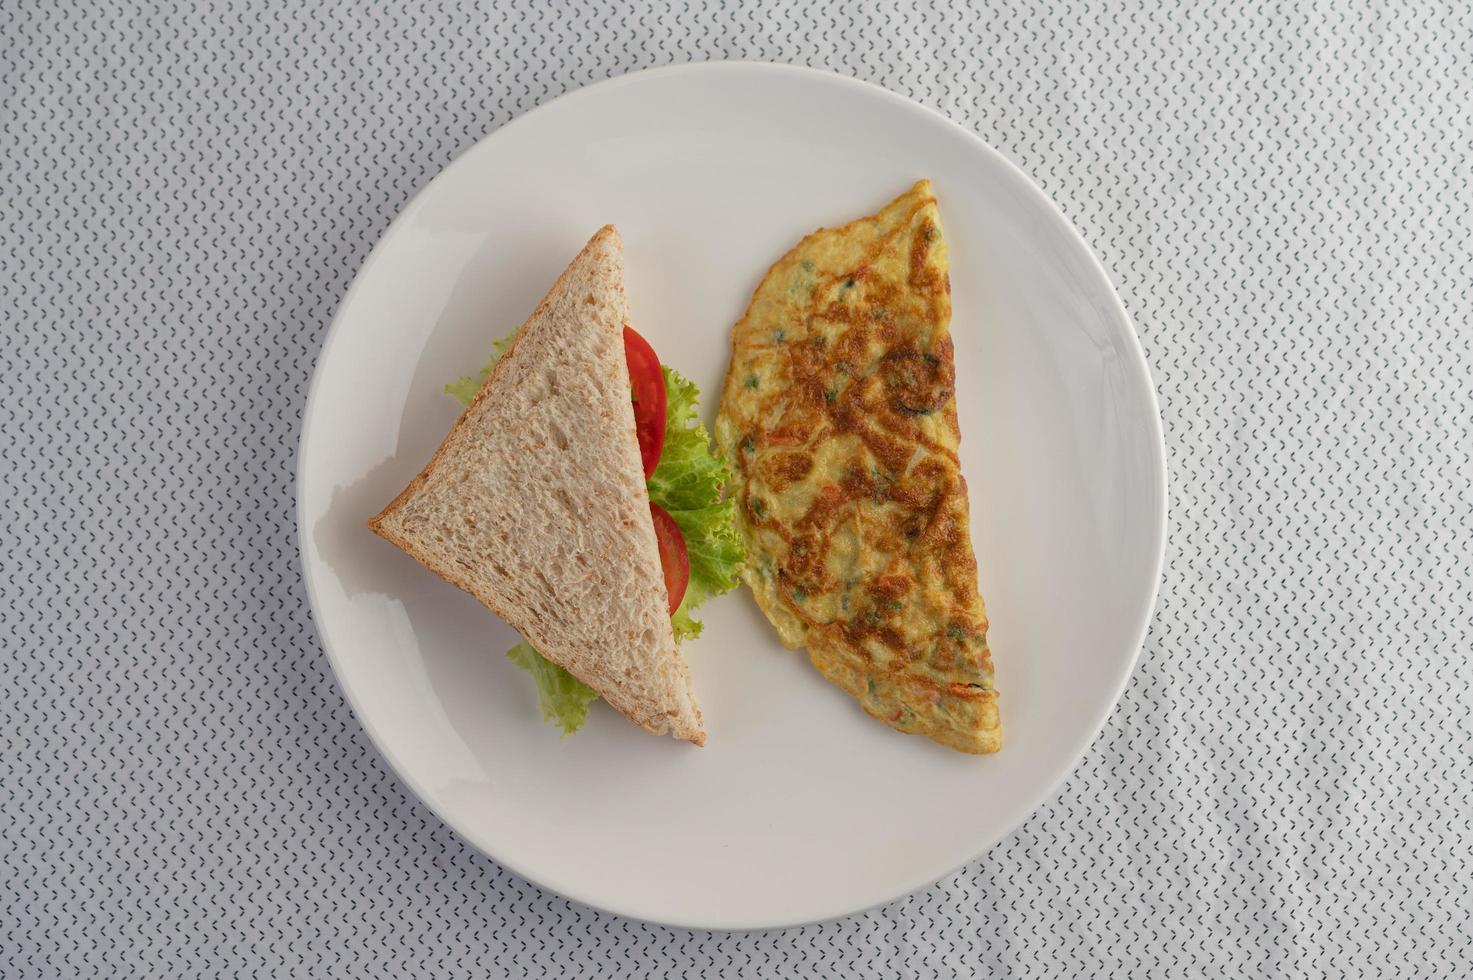 ein Ei Omelett und Sandwich auf einem weißen Teller foto